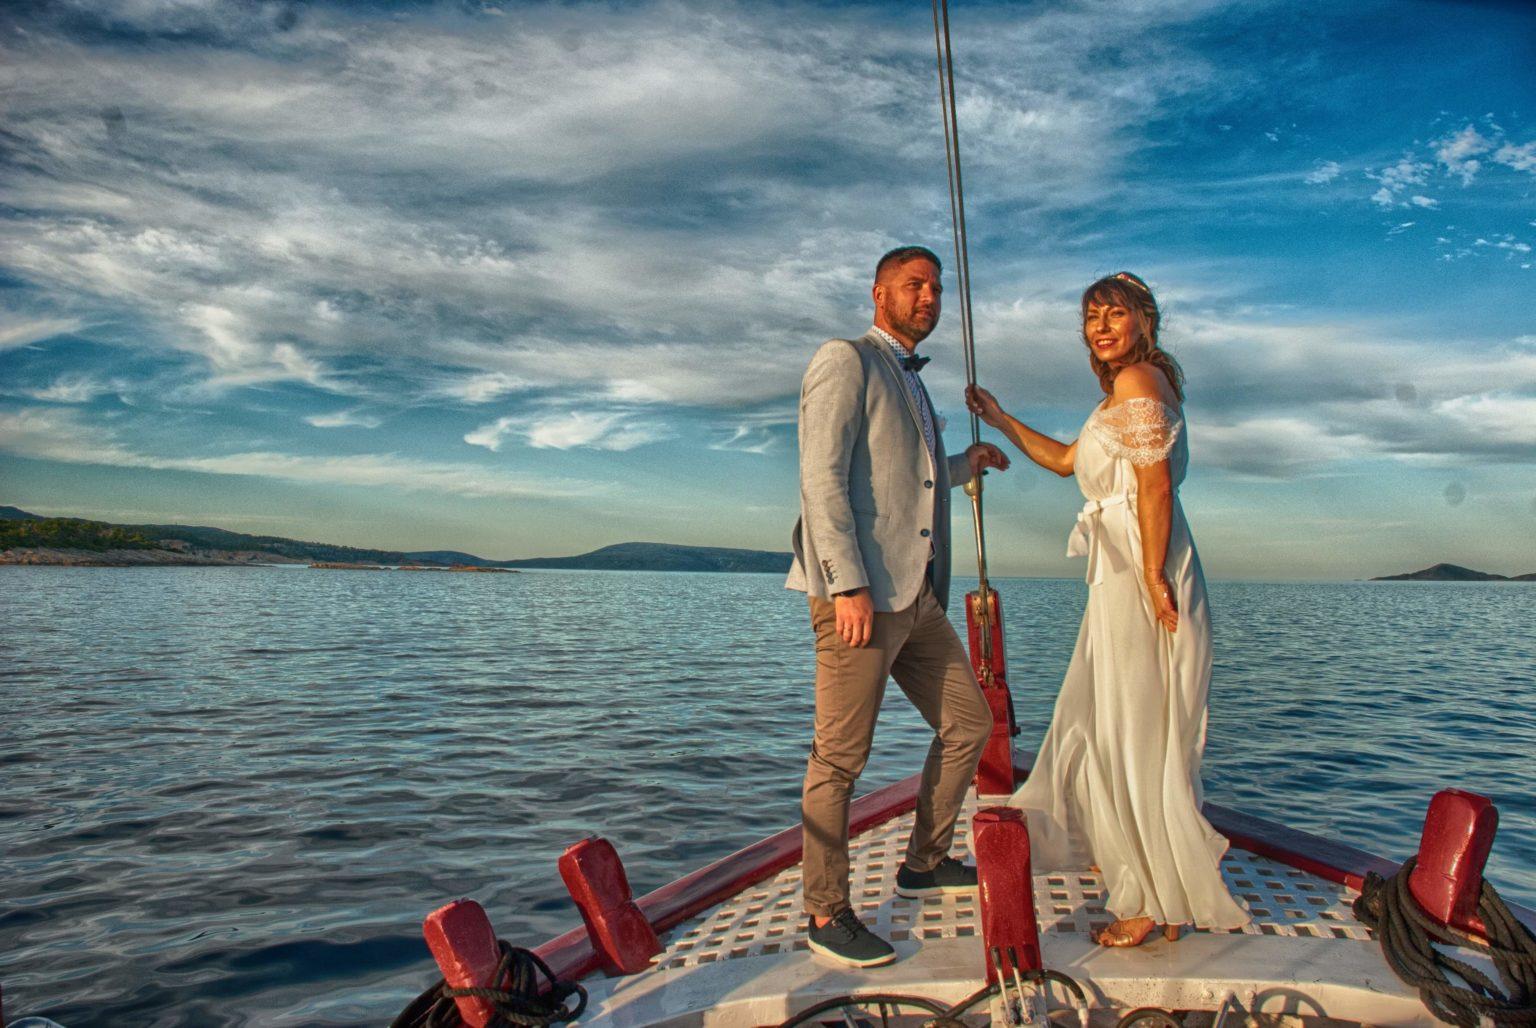 Ξεκίνησαν… πλωτοί γάμοι στην Αλόννησο – Παντρεύονται στη μέση της θάλασσας [εικόνες]